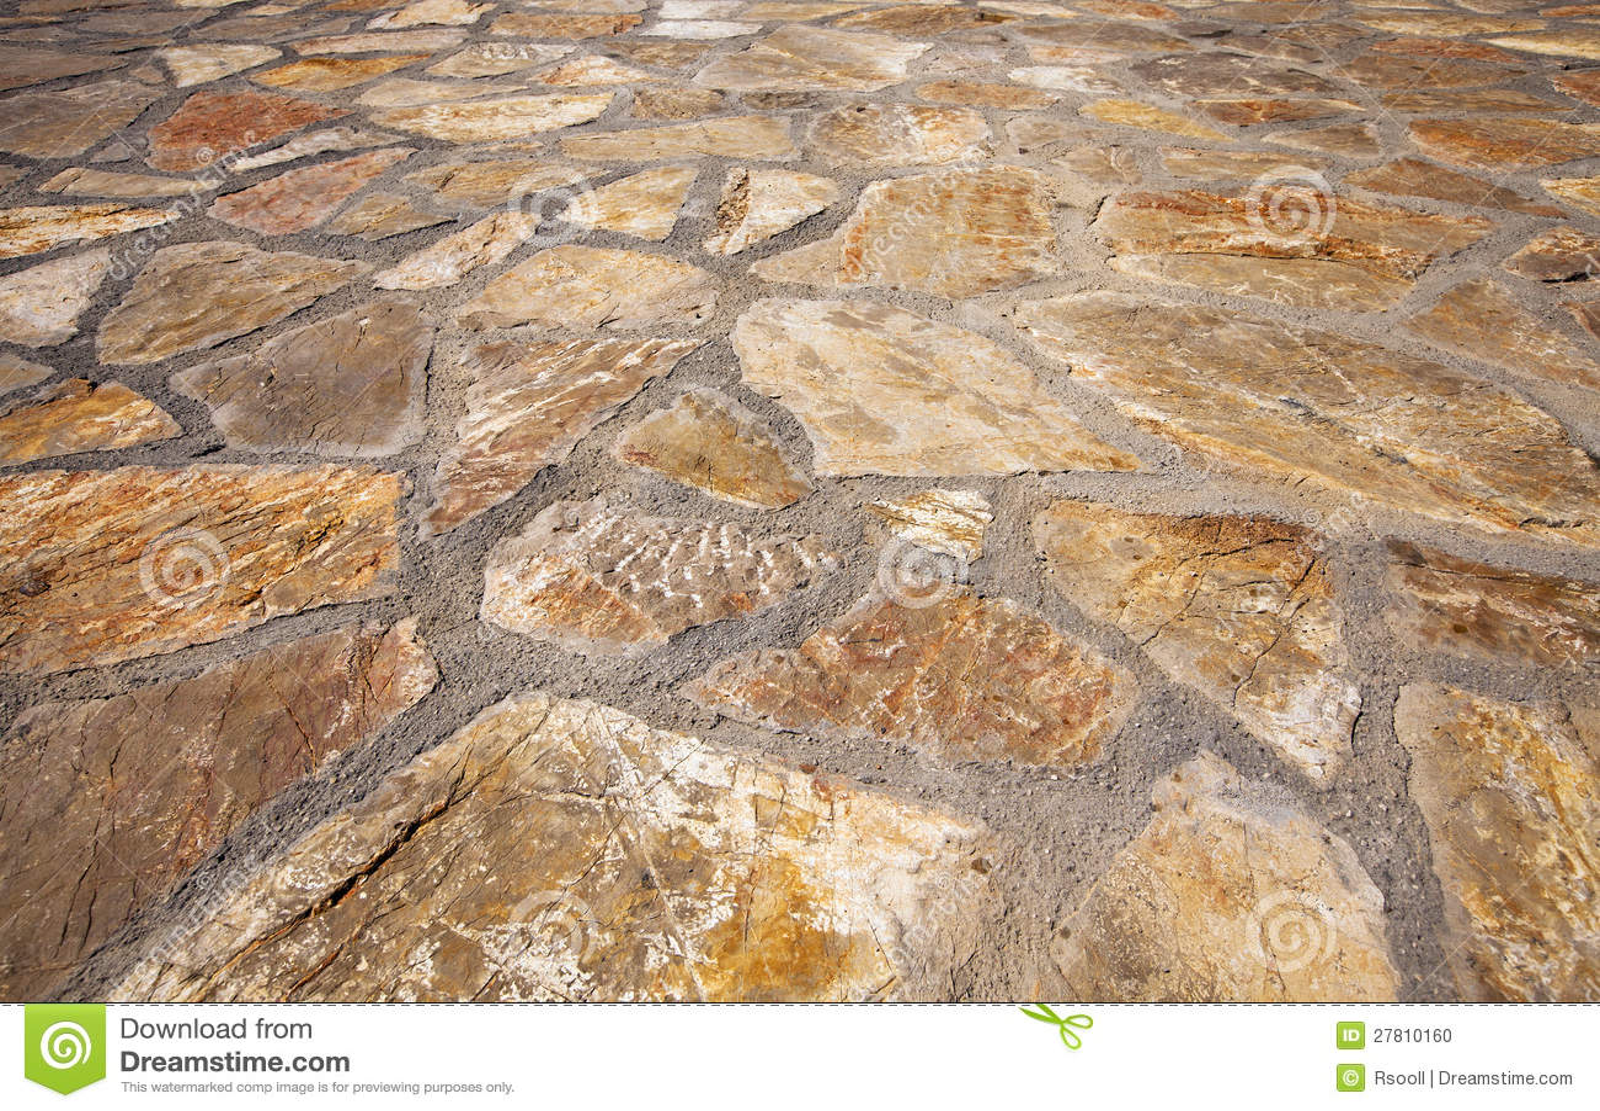 steinfu boden stockfoto bild von gemarmort dekor granit 27810160. Black Bedroom Furniture Sets. Home Design Ideas